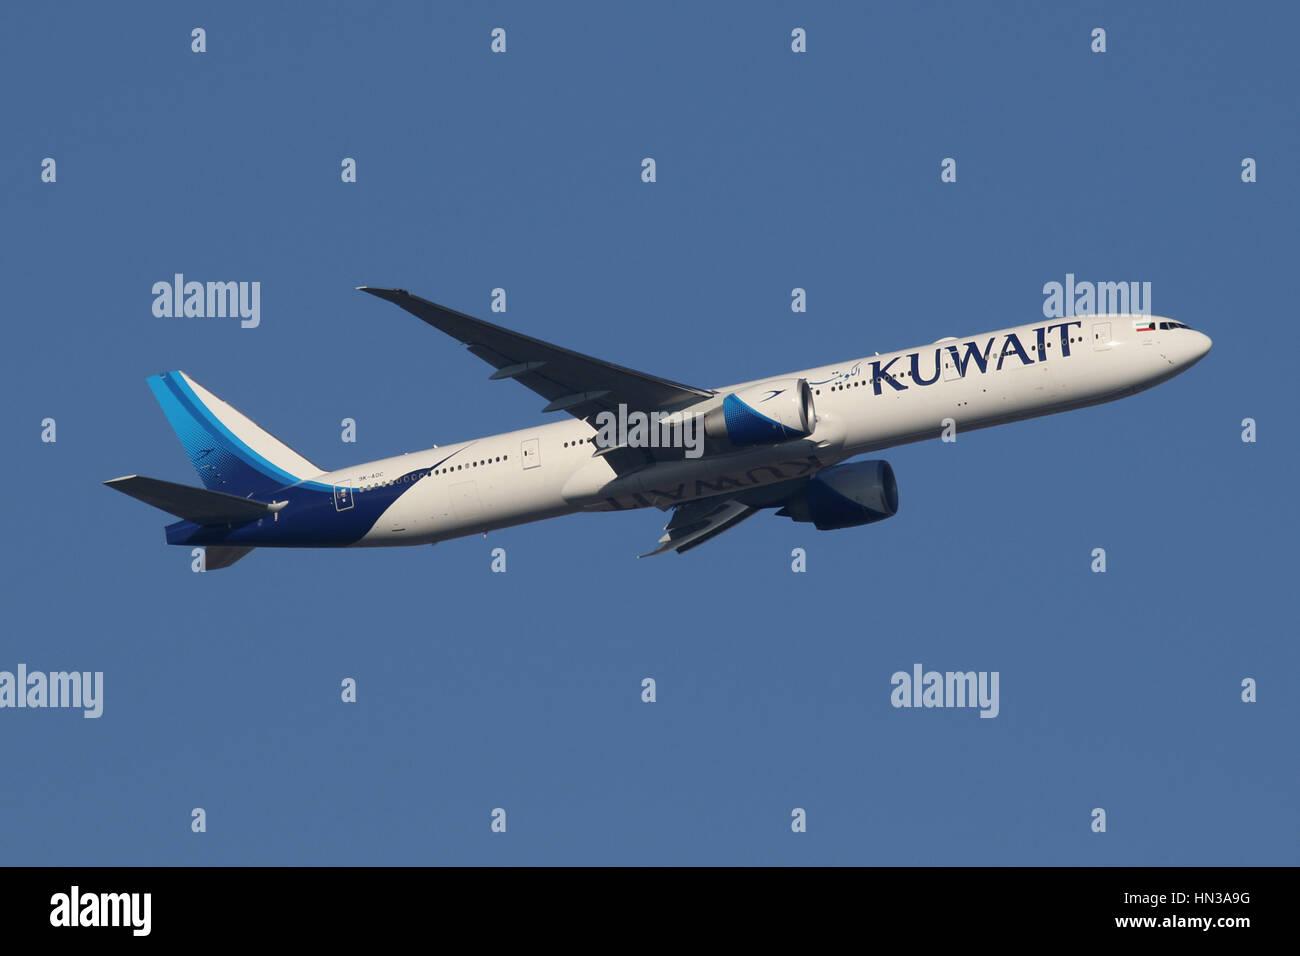 kuwait 777 - Stock Image